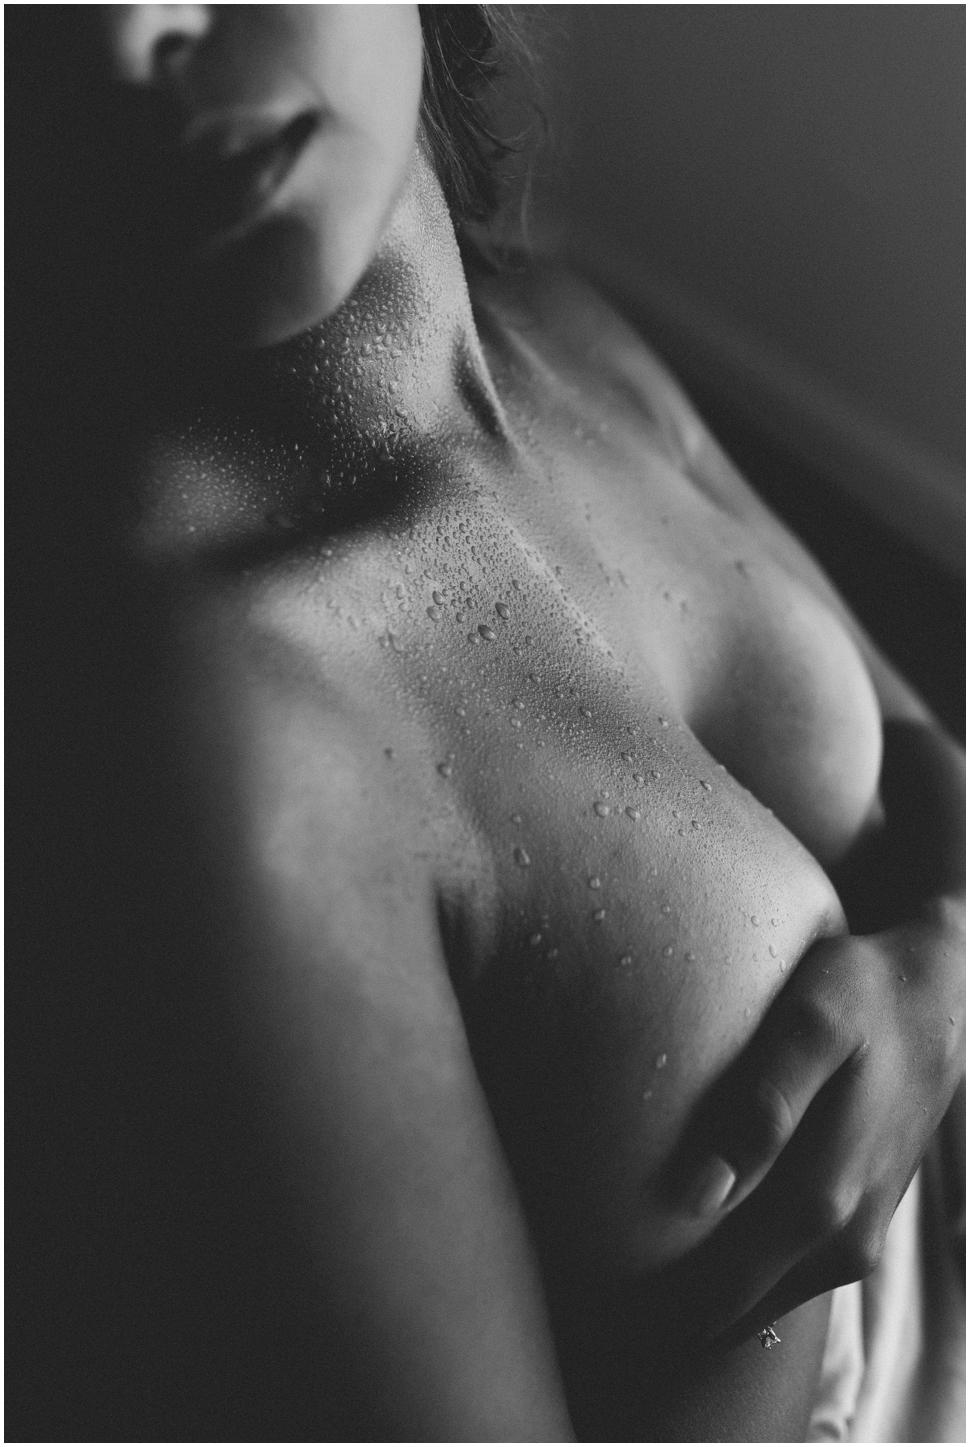 Tampa-boudoir-Photographer_0586.jpg